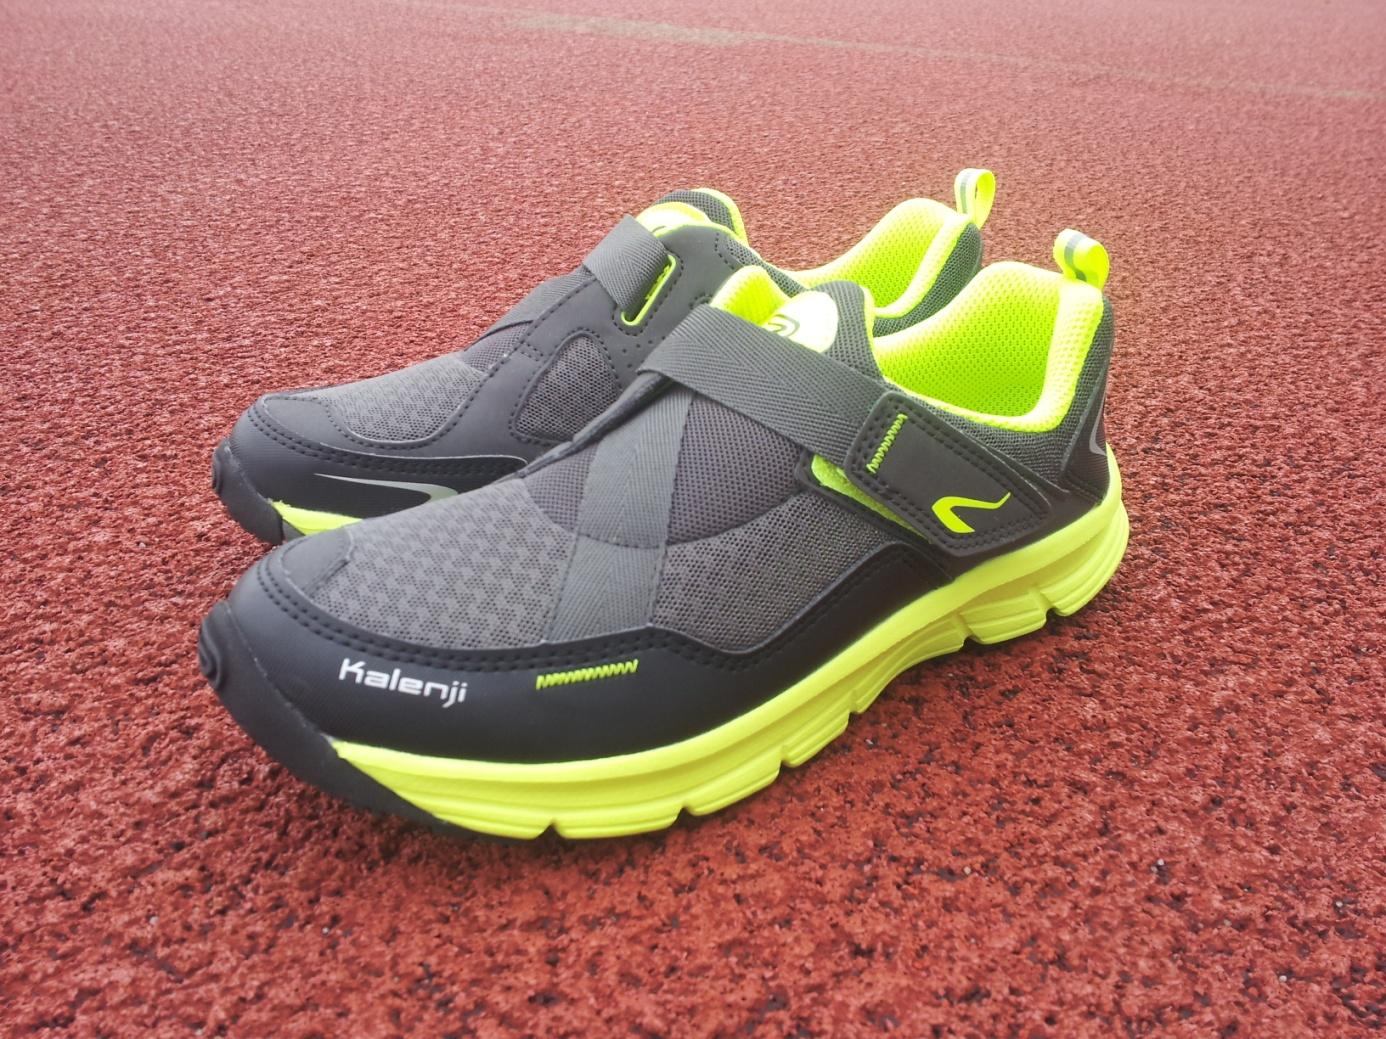 Buty do biegania dla dziecka Kalenji 2